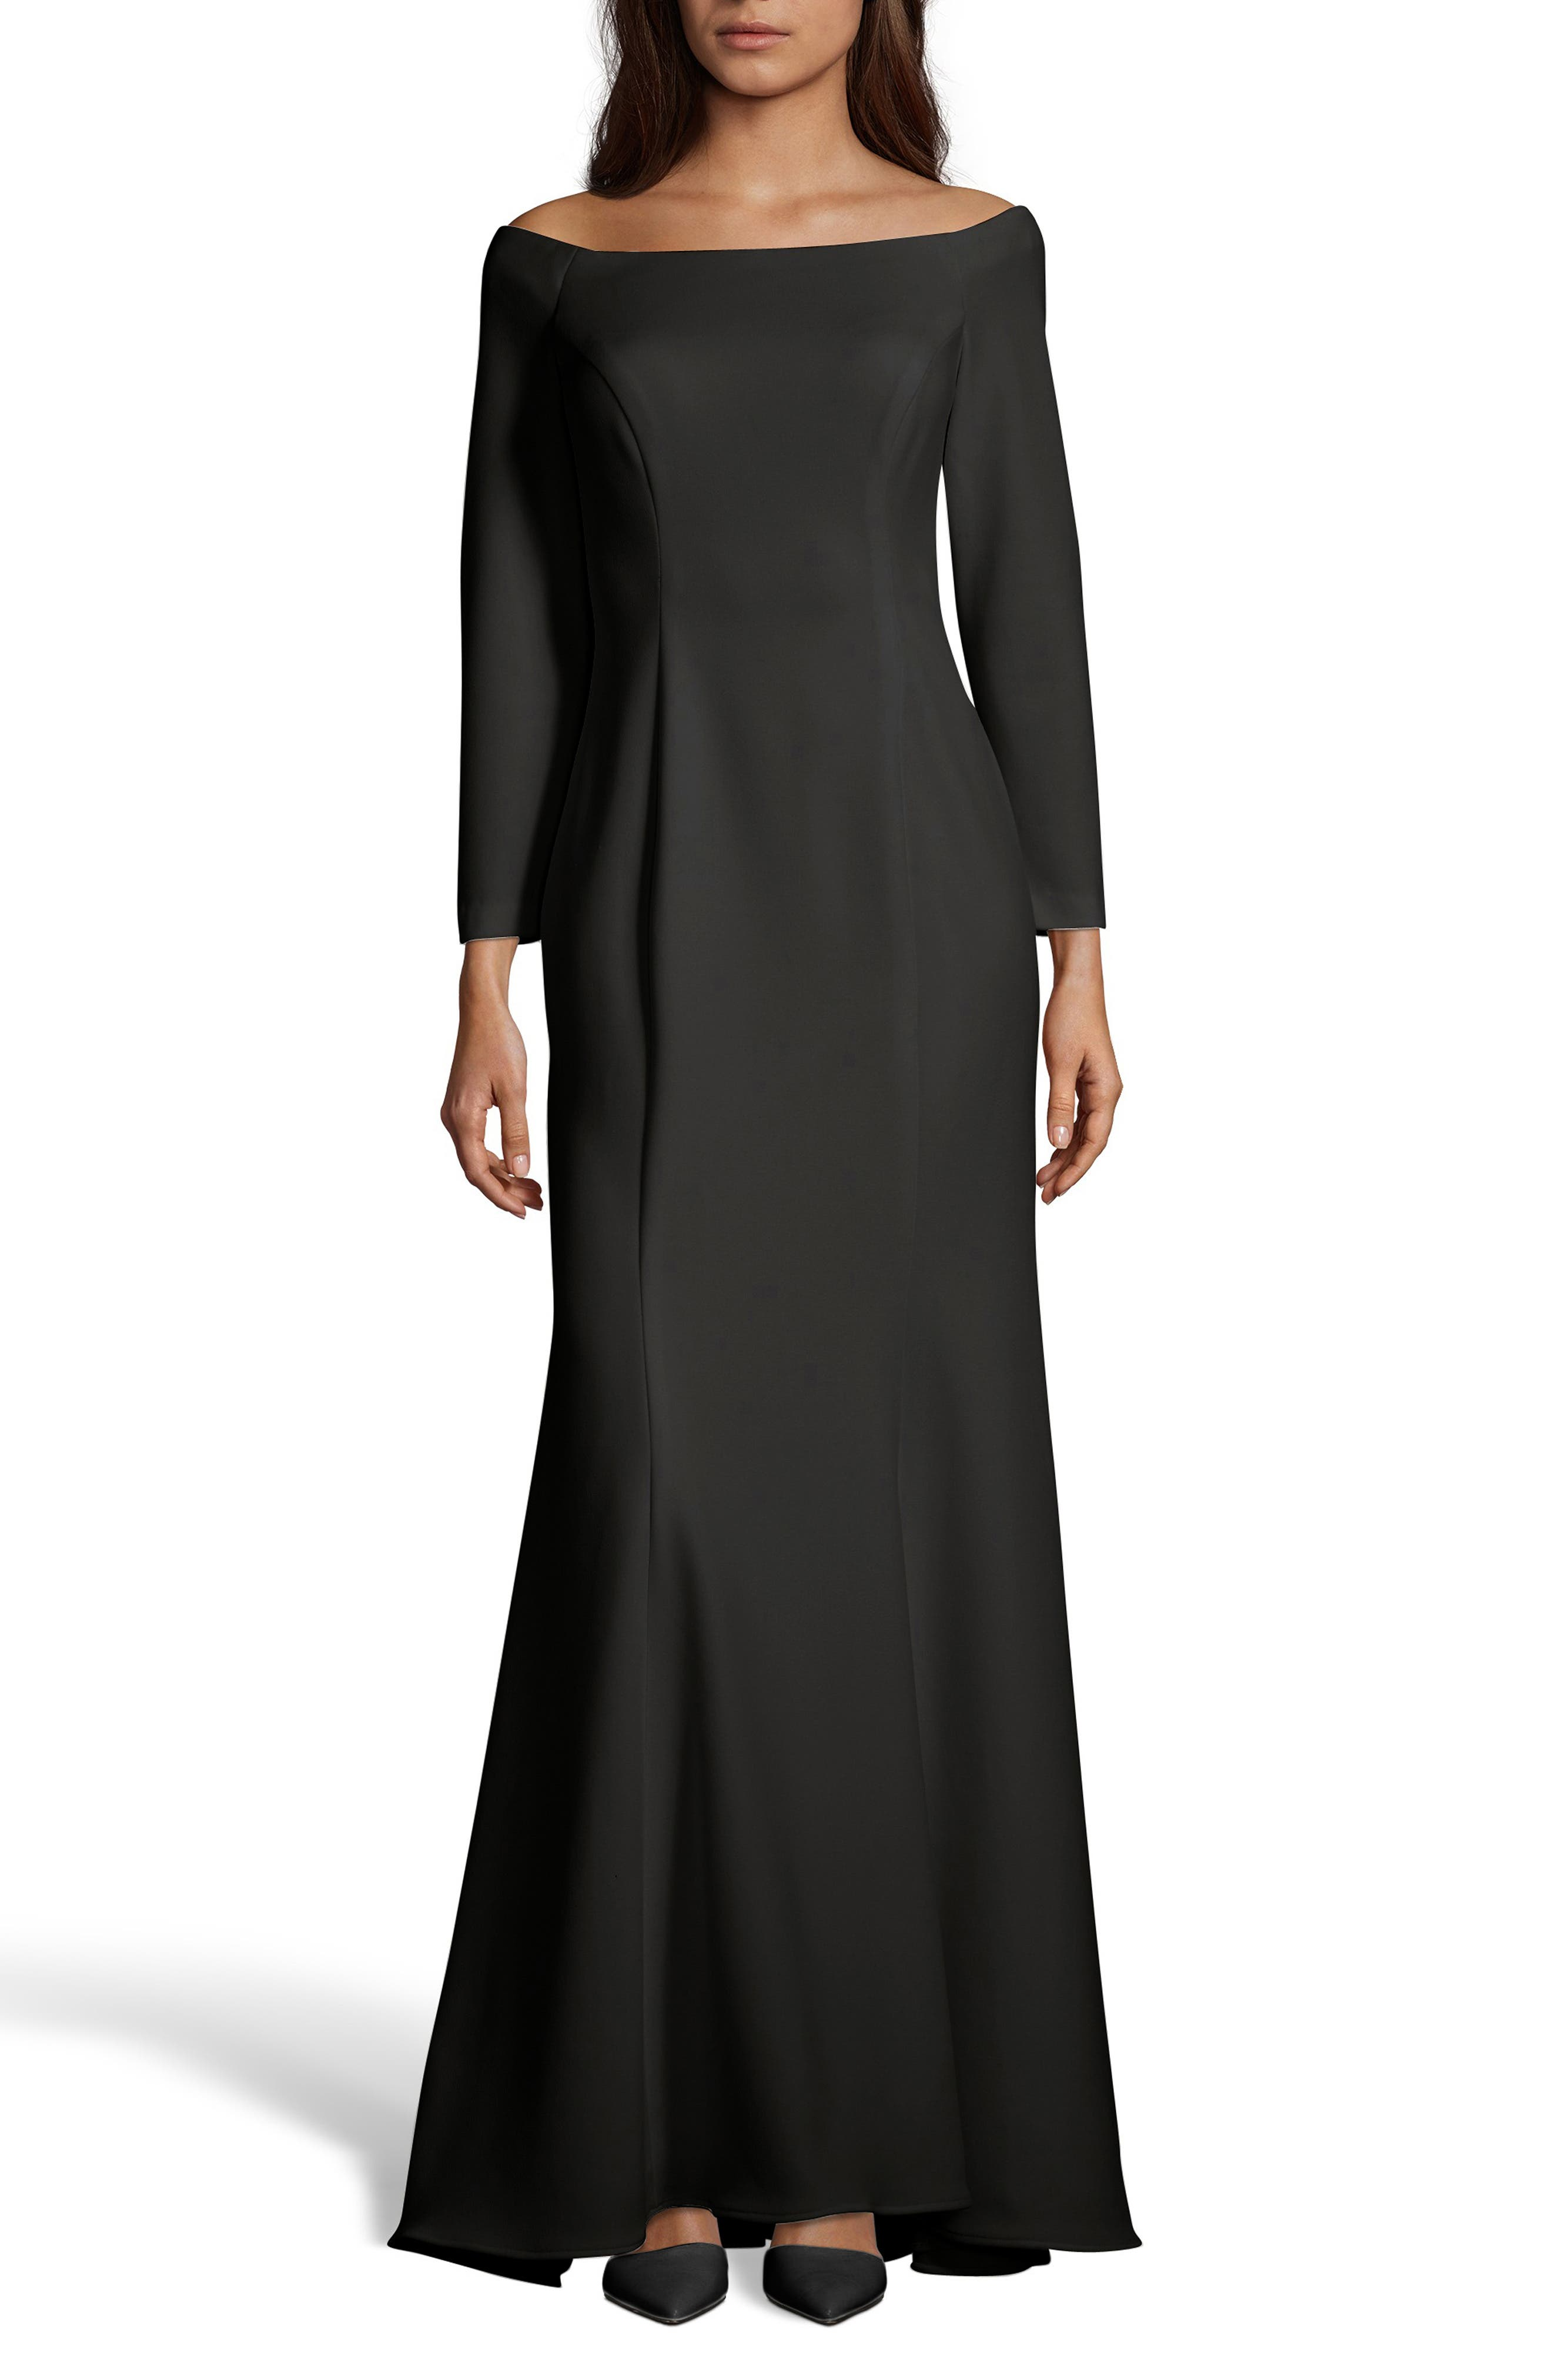 XSCAPE,                             Off the Shoulder Trumpet Gown,                             Main thumbnail 1, color,                             BLACK